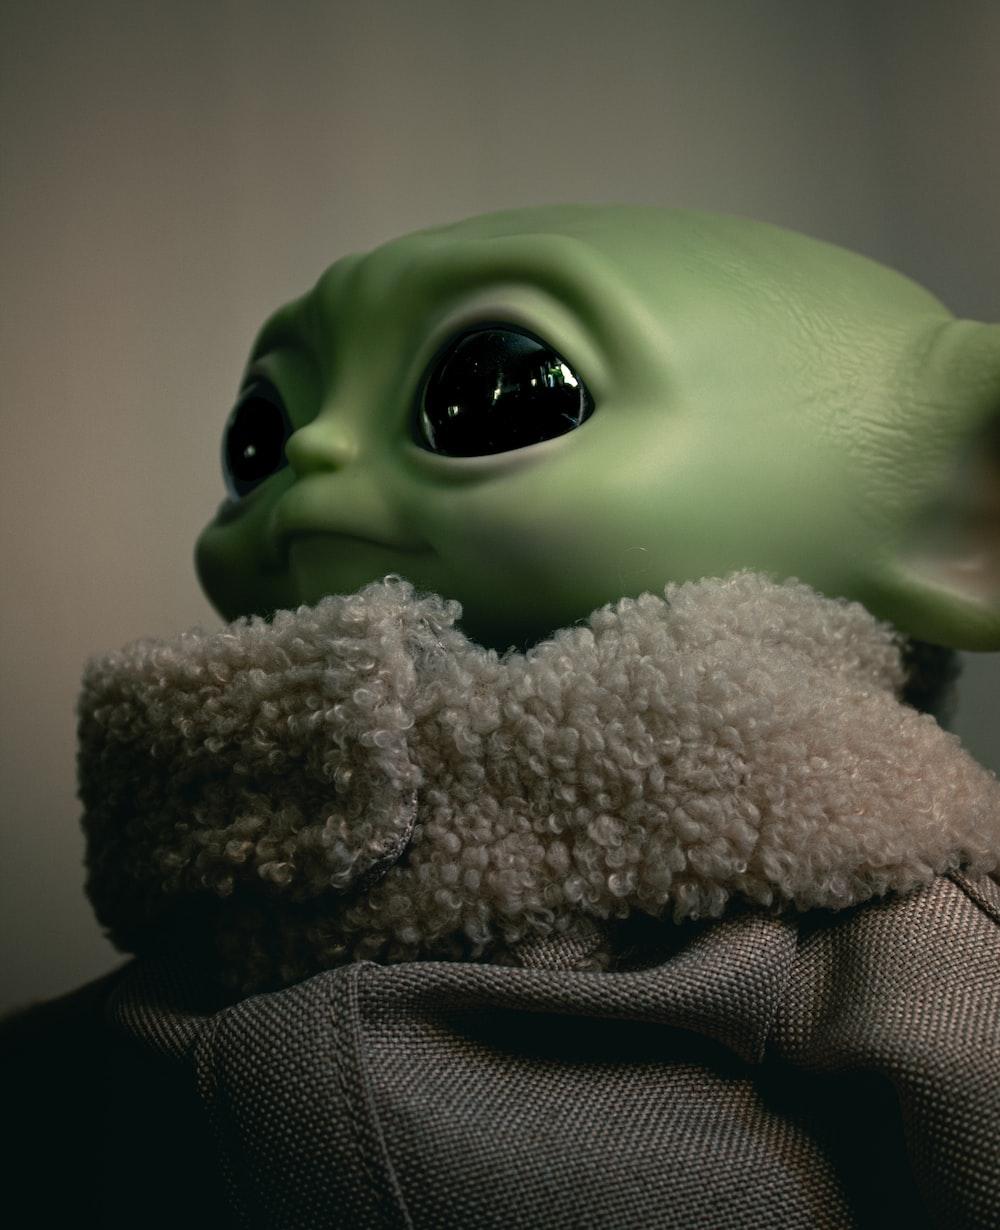 green frog plush toy on black textile